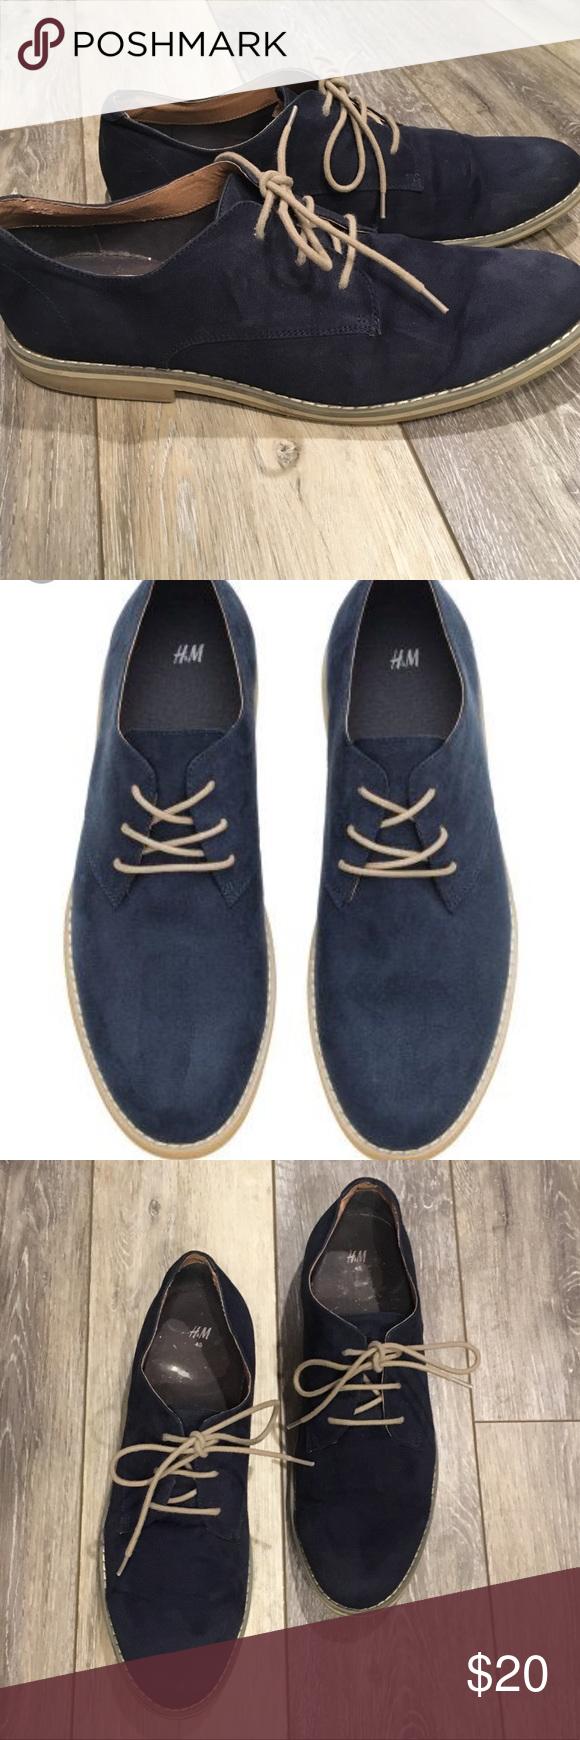 Faux suede shoes, Men s shoes, H\u0026m shoes